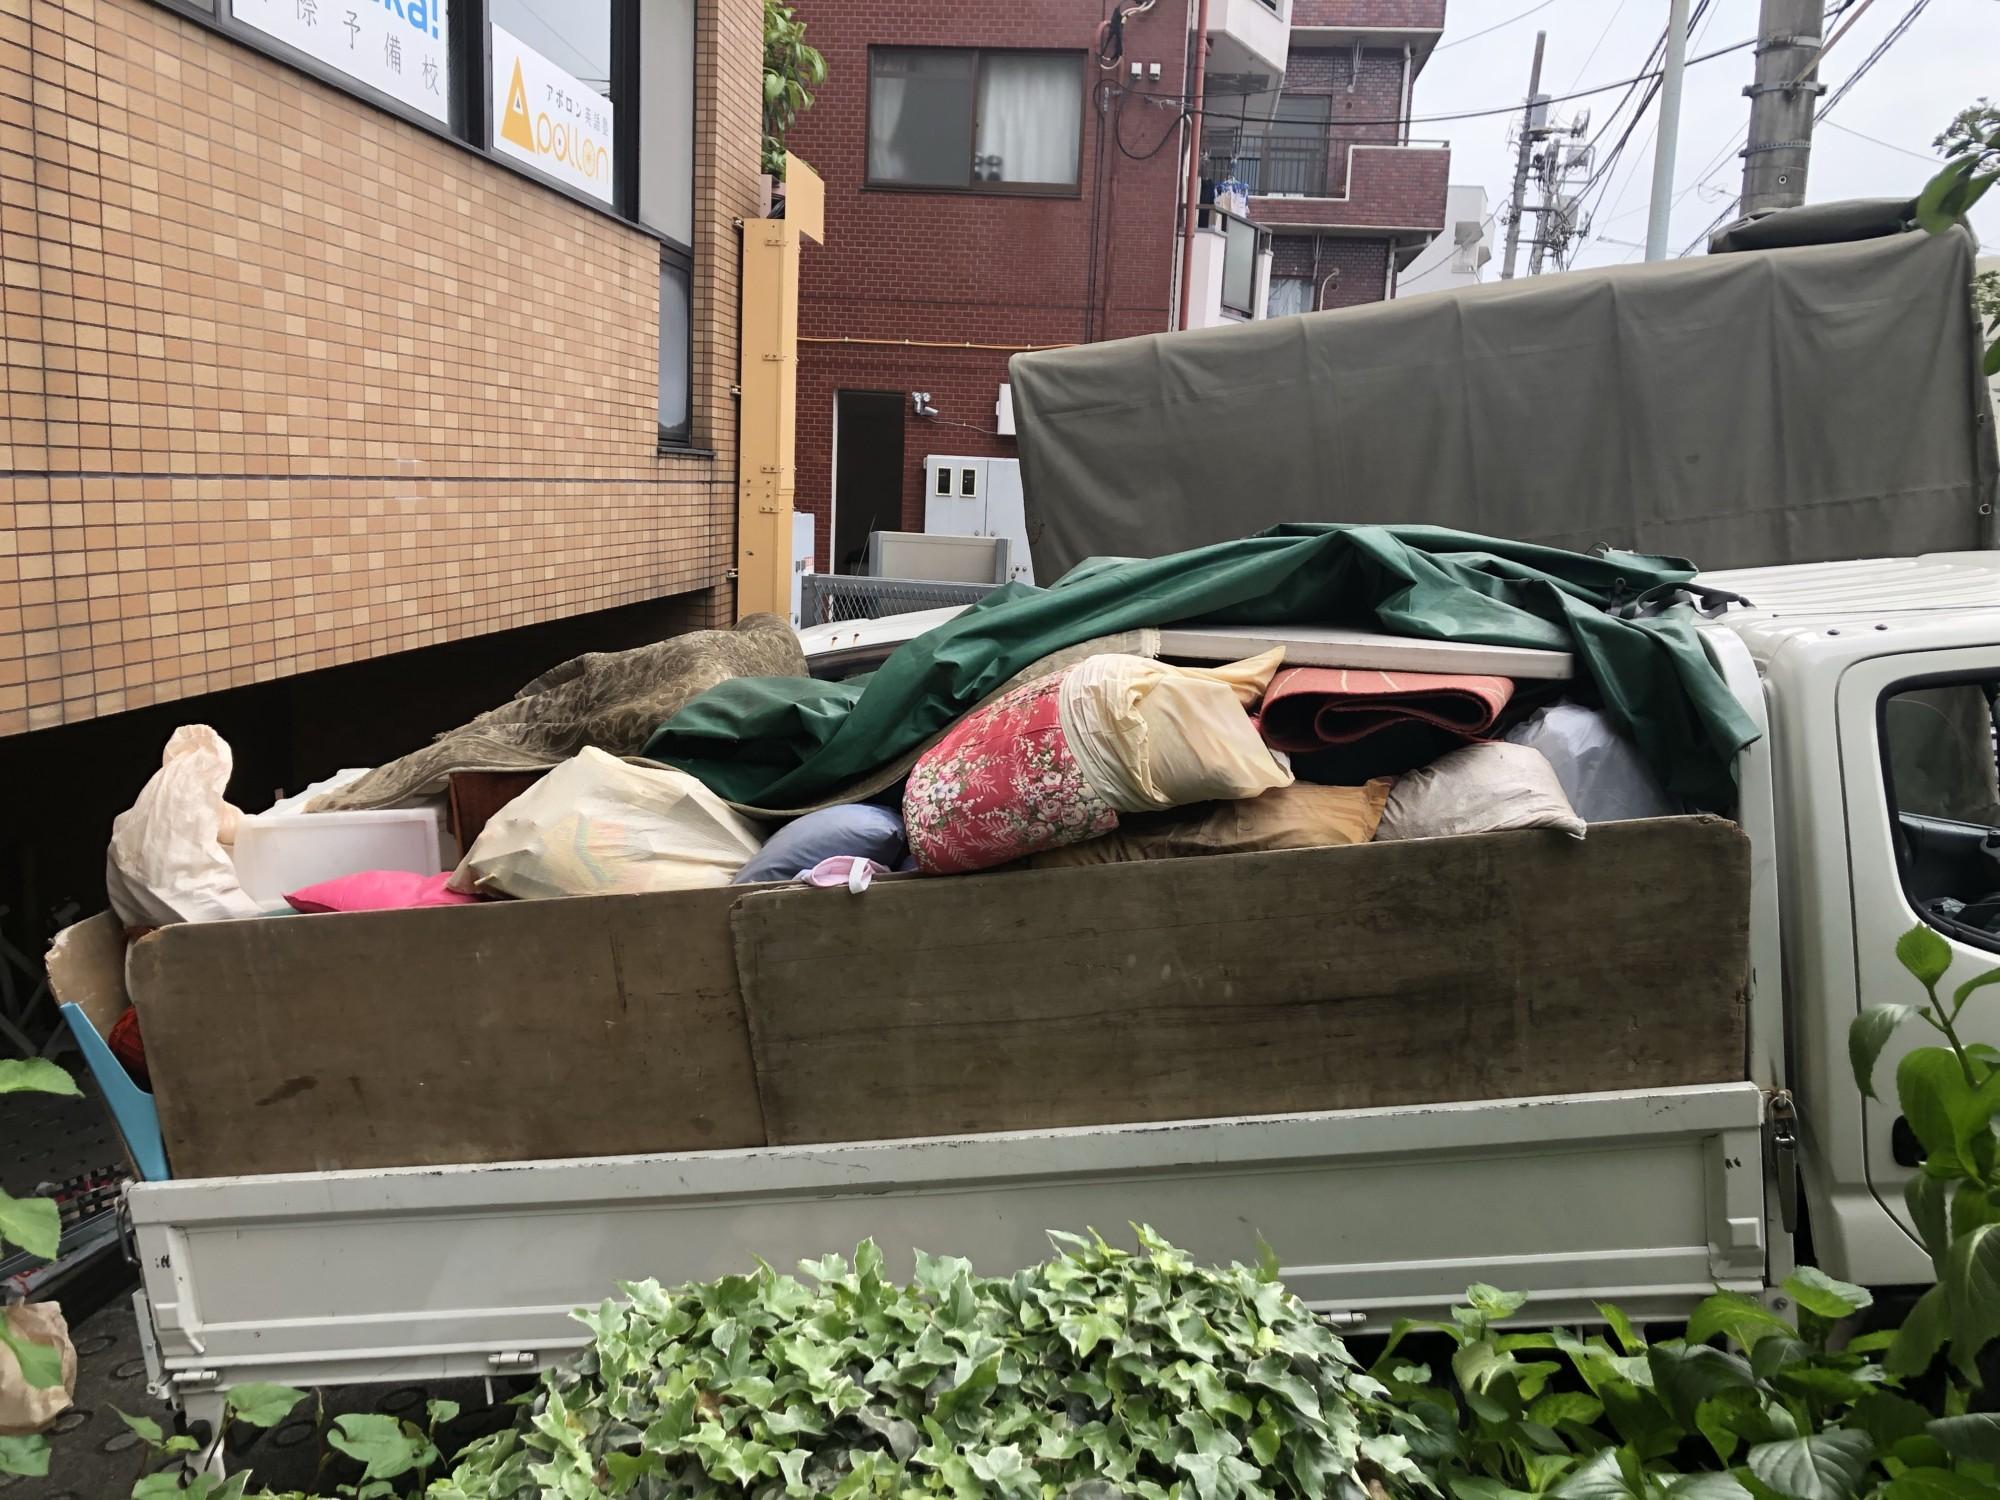 板橋区常盤台 ビル不用品回収(2日目)